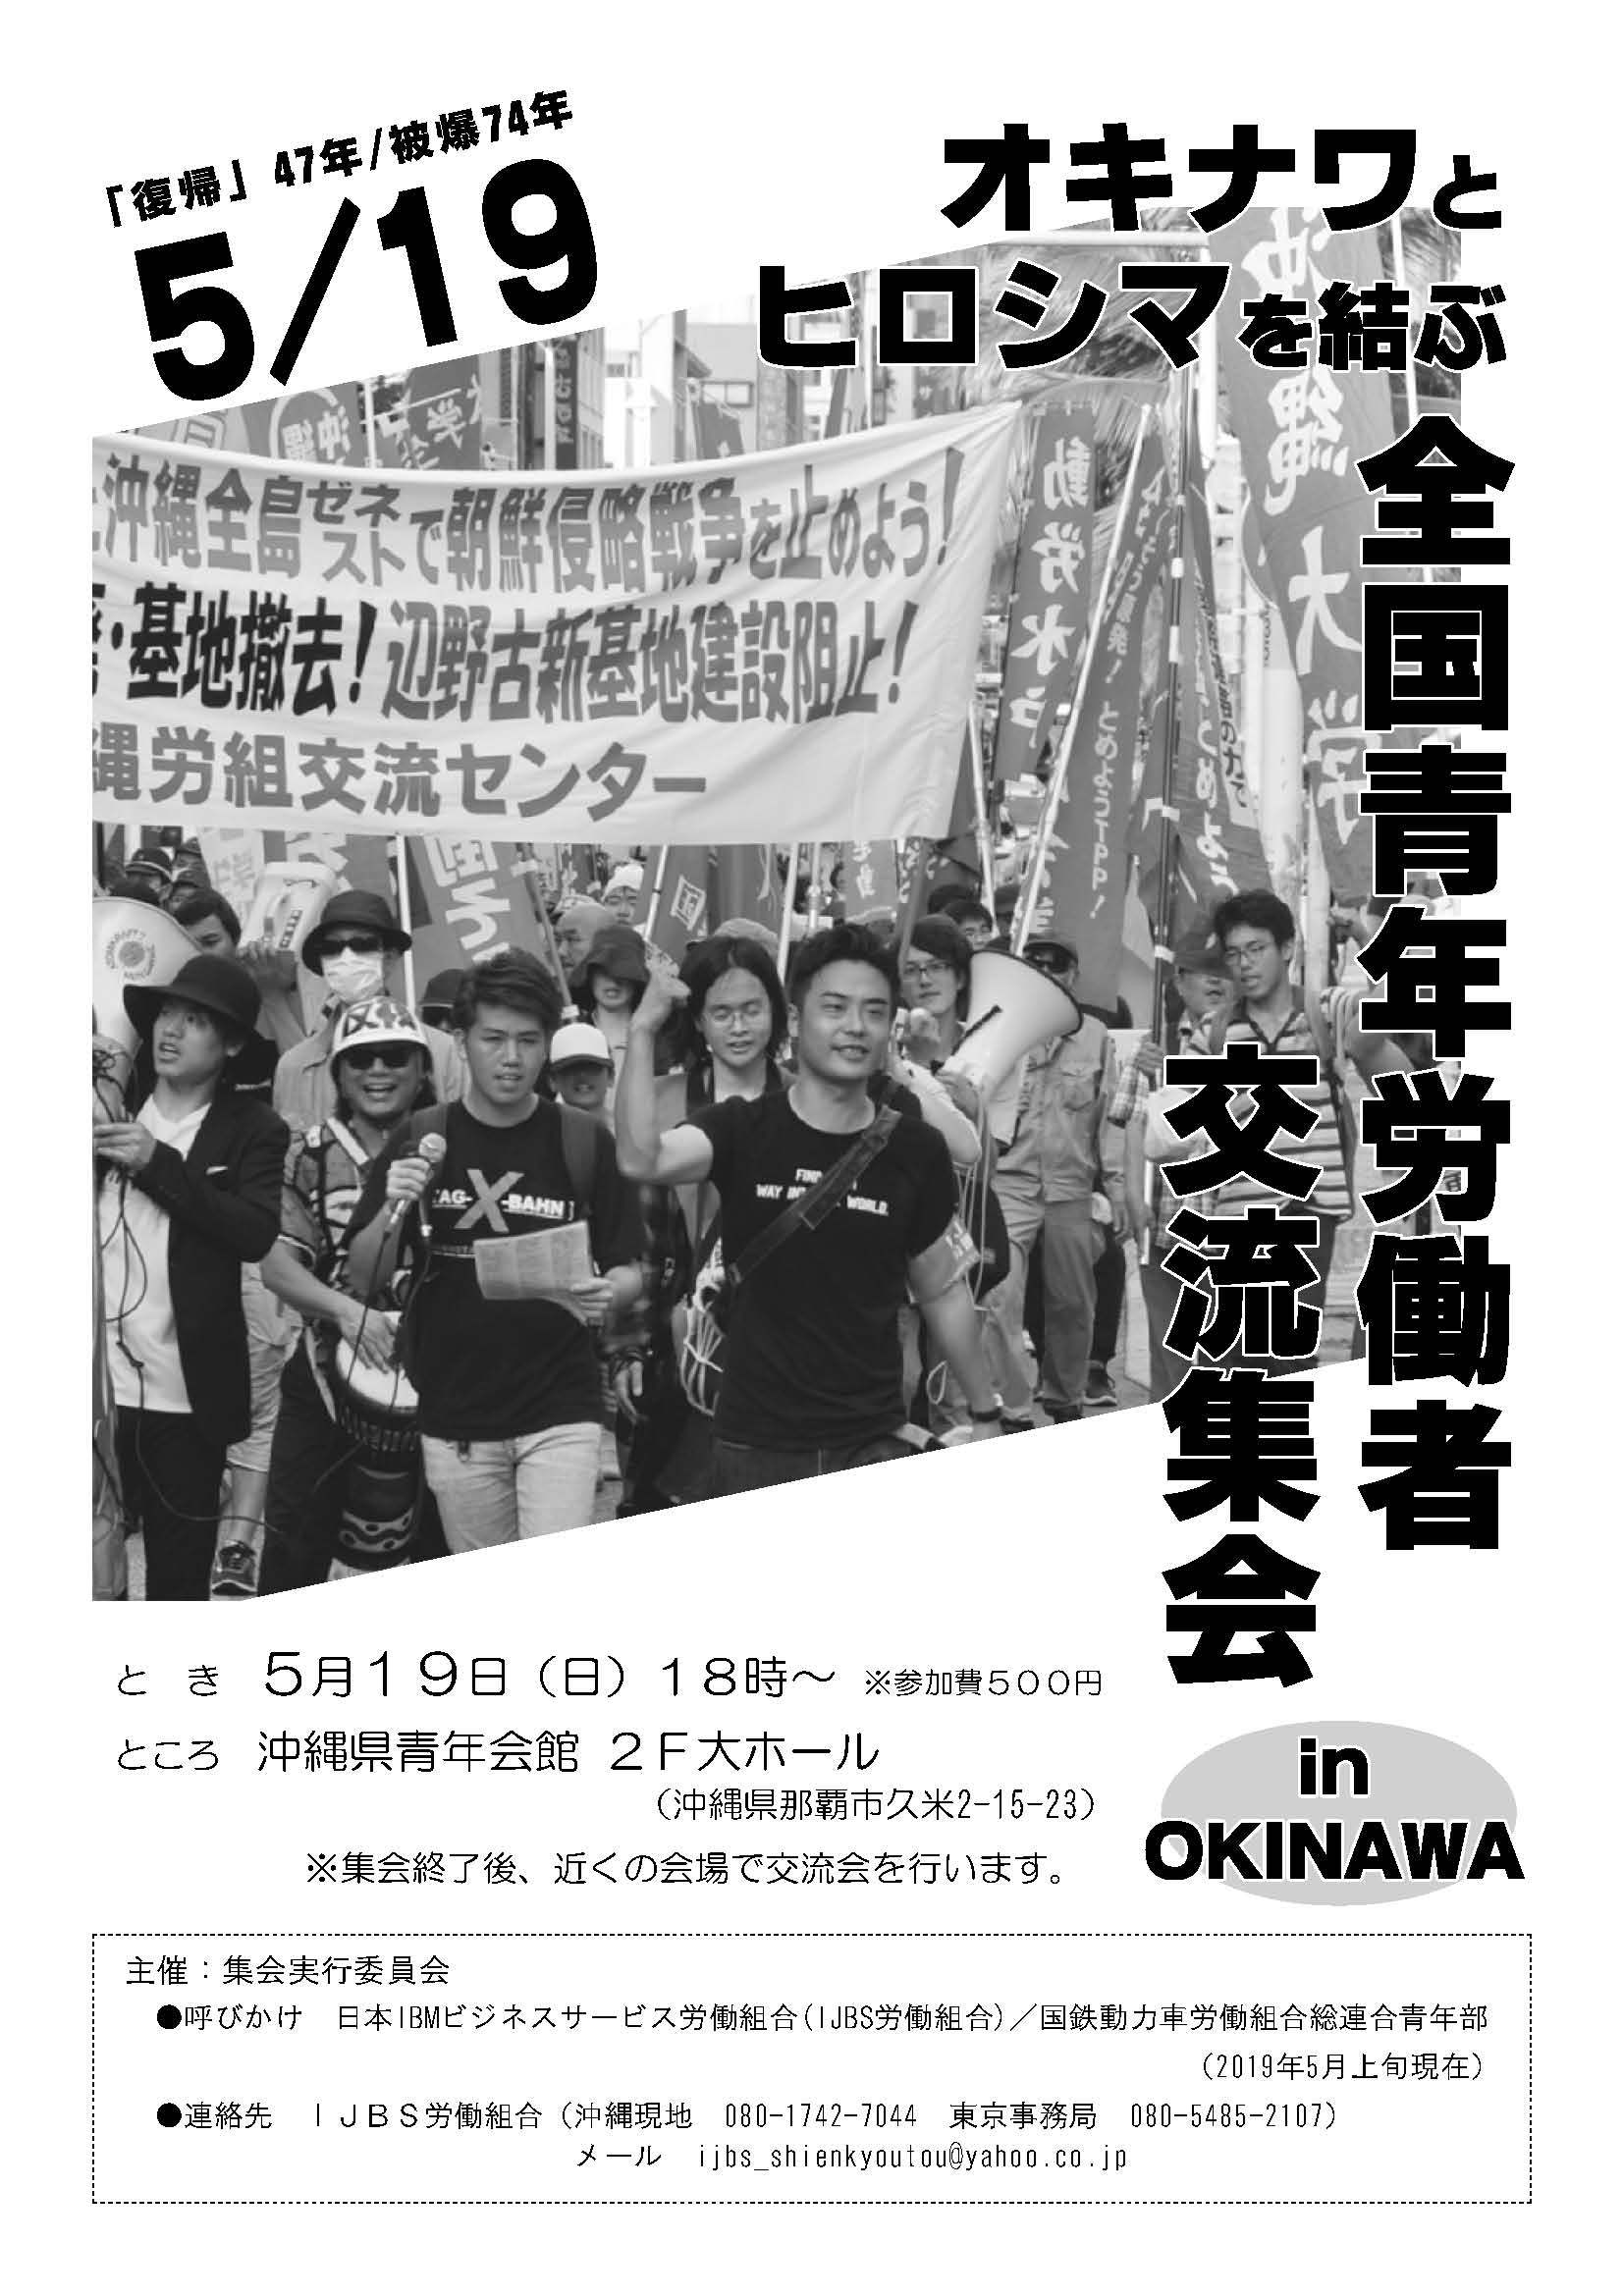 5・19オキナワとヒロシマを結ぶ全国青年労働者交流集会in OKINAWAを開催します_d0155415_10455911.jpg